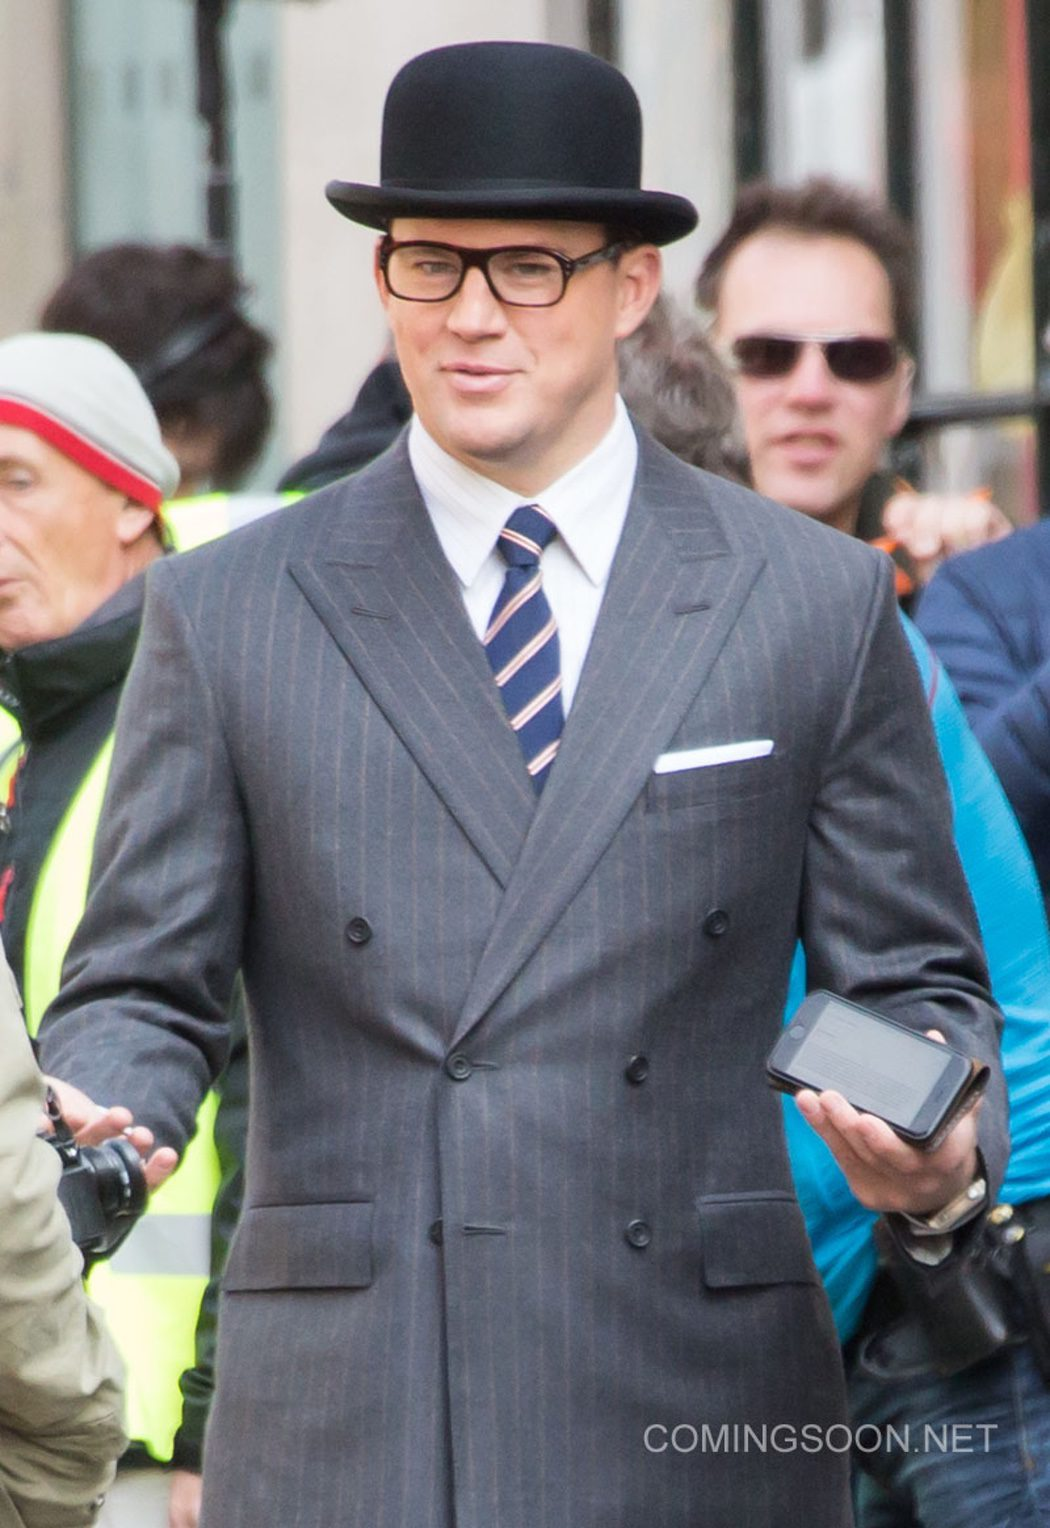 El actor estadounidense con gafas Kingsman y bombín